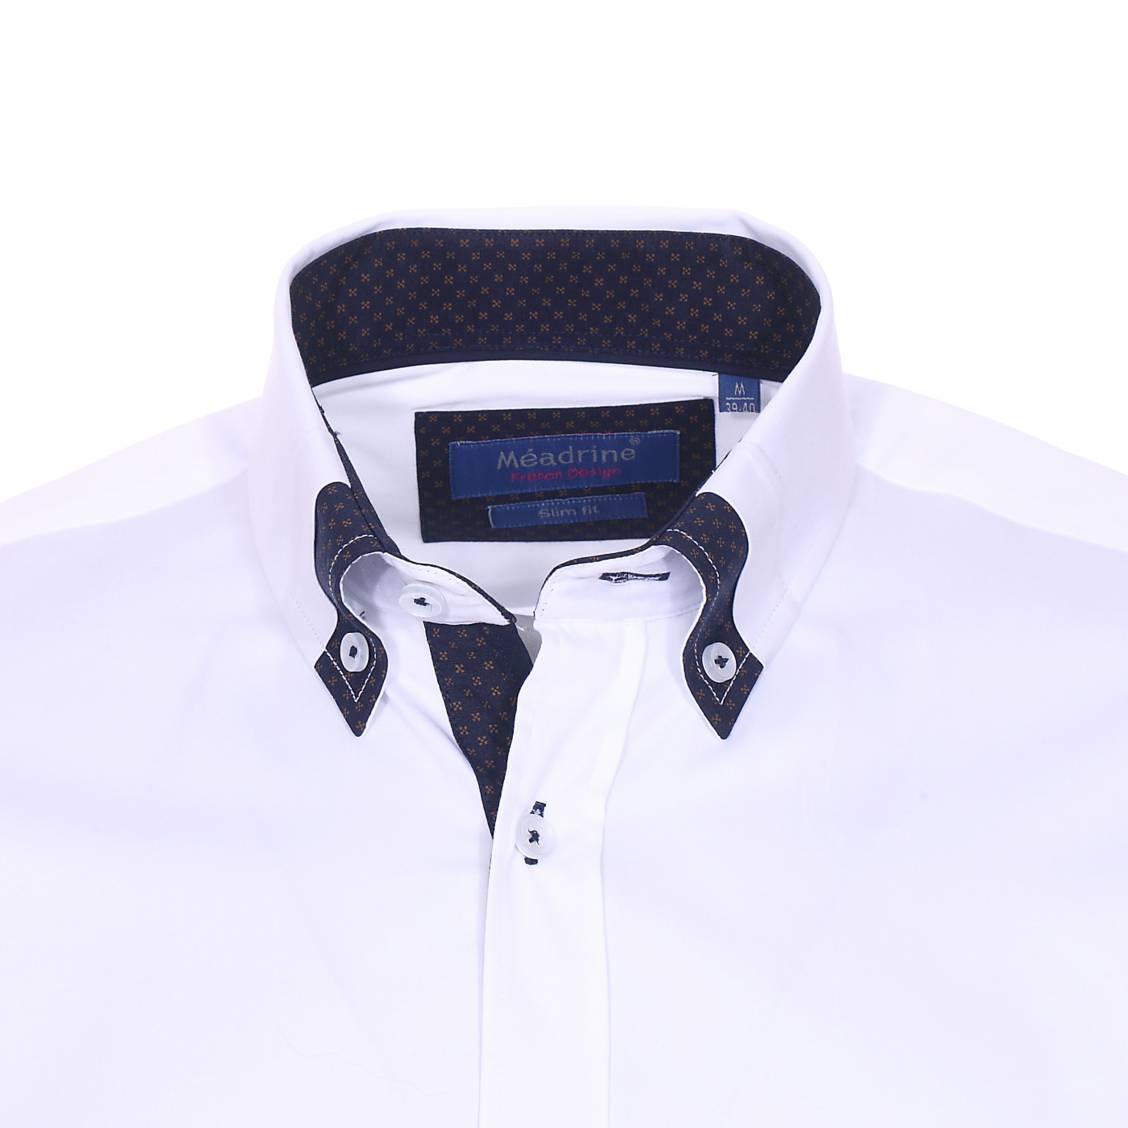 competitive price 0f63c f42d5 73823-meadrine-e18-confie-chemise-1919-blc-550-blanc -chemise-cintree-meadrine-en-coton-blanc -a-opposition-bleu-marine-a-motifs-marron-fonce-2 1128x1128.jpg